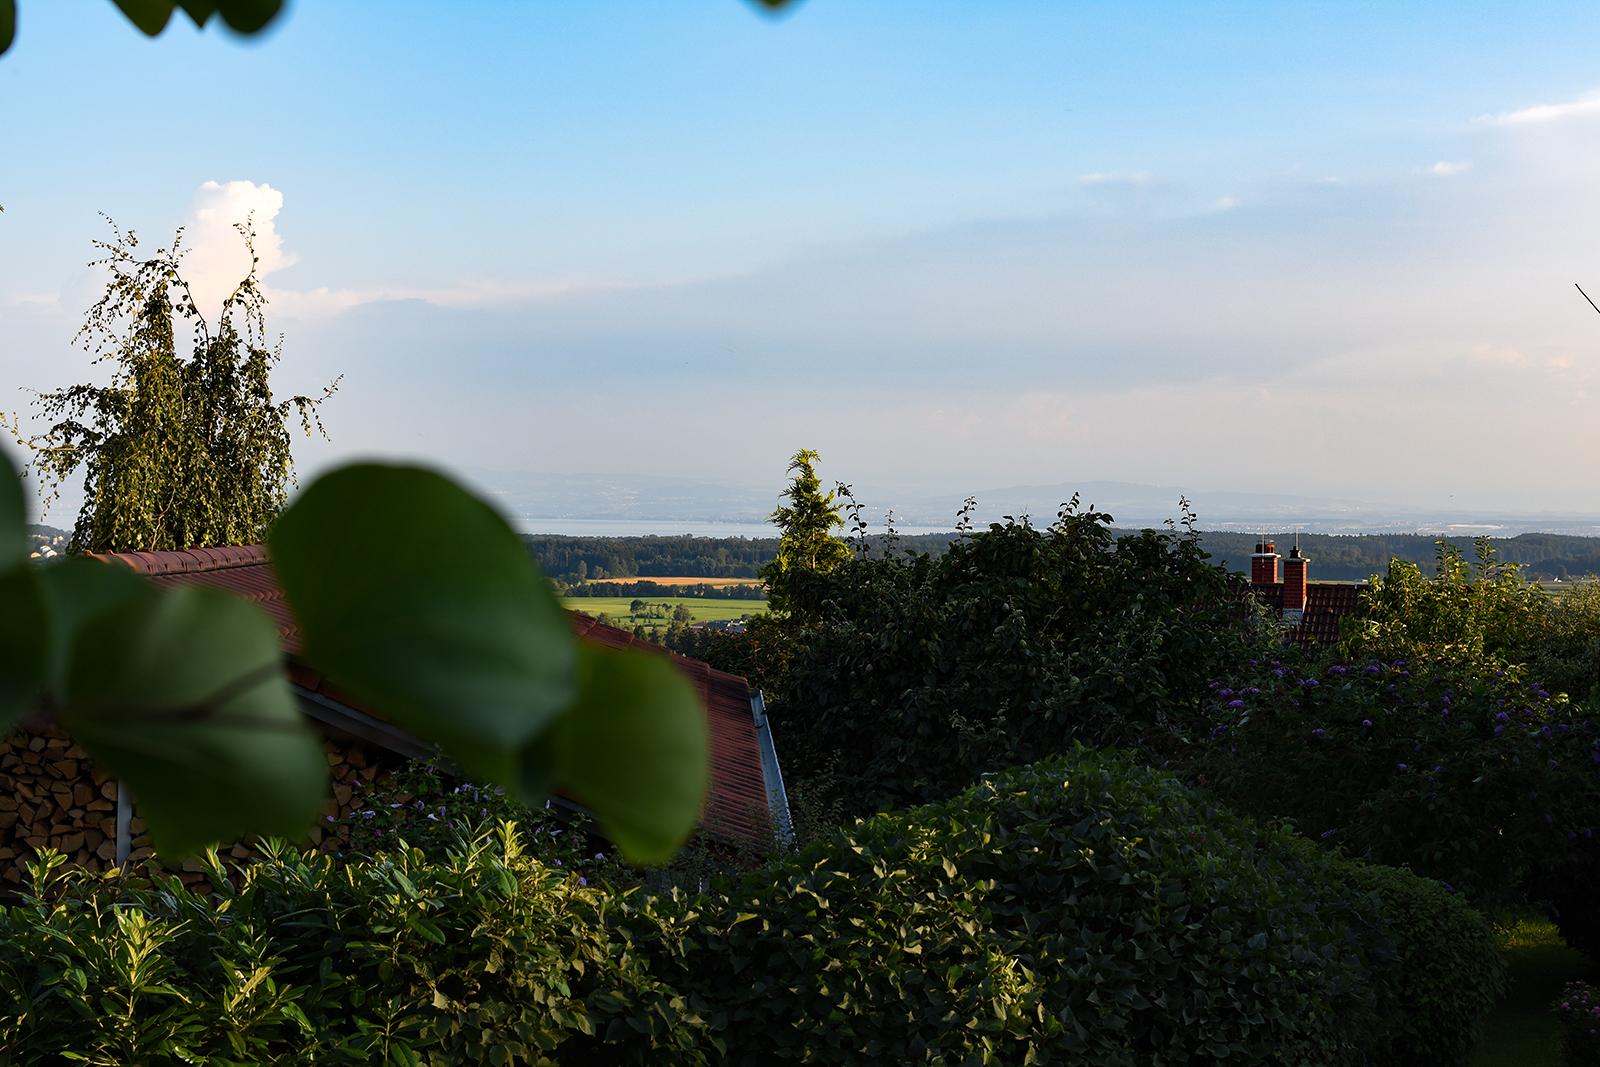 Ferienwohnung am Bodensee: Schillerstraße - Ausblick